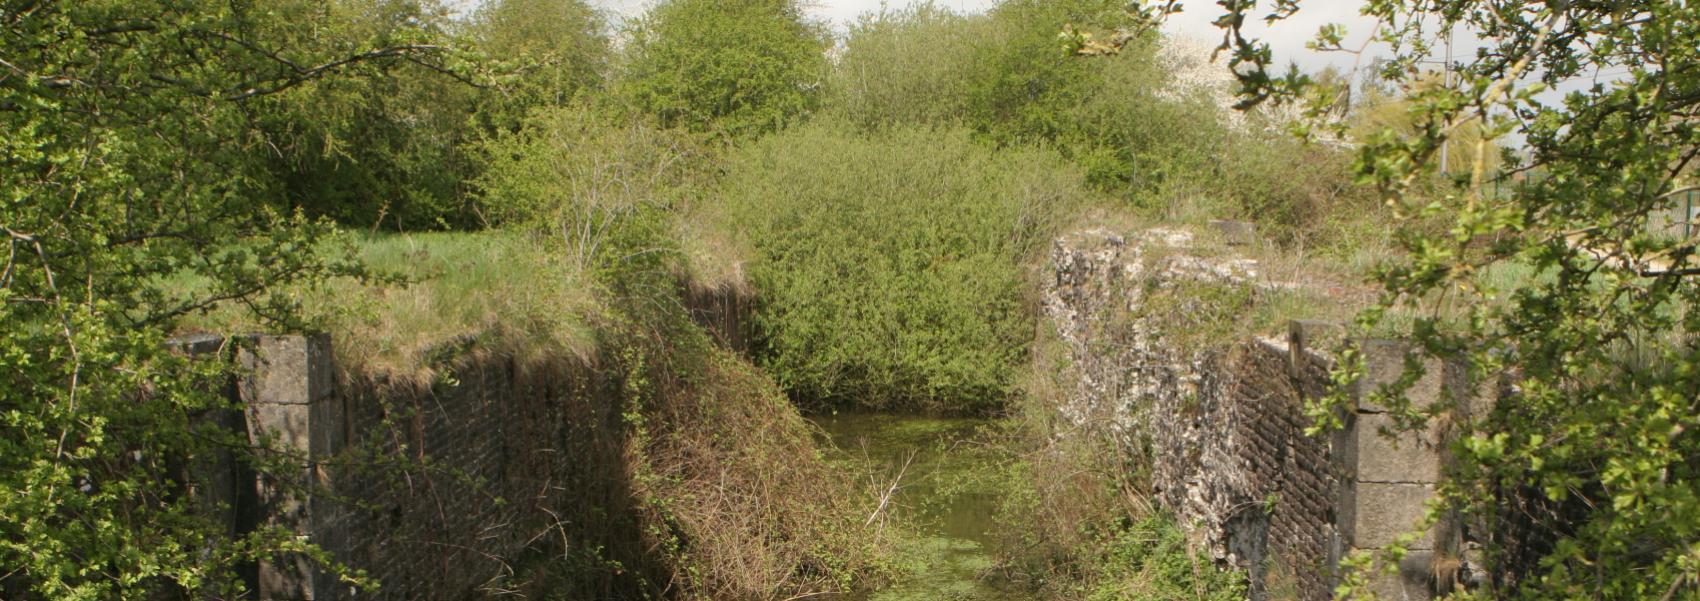 ruïne in het landschap